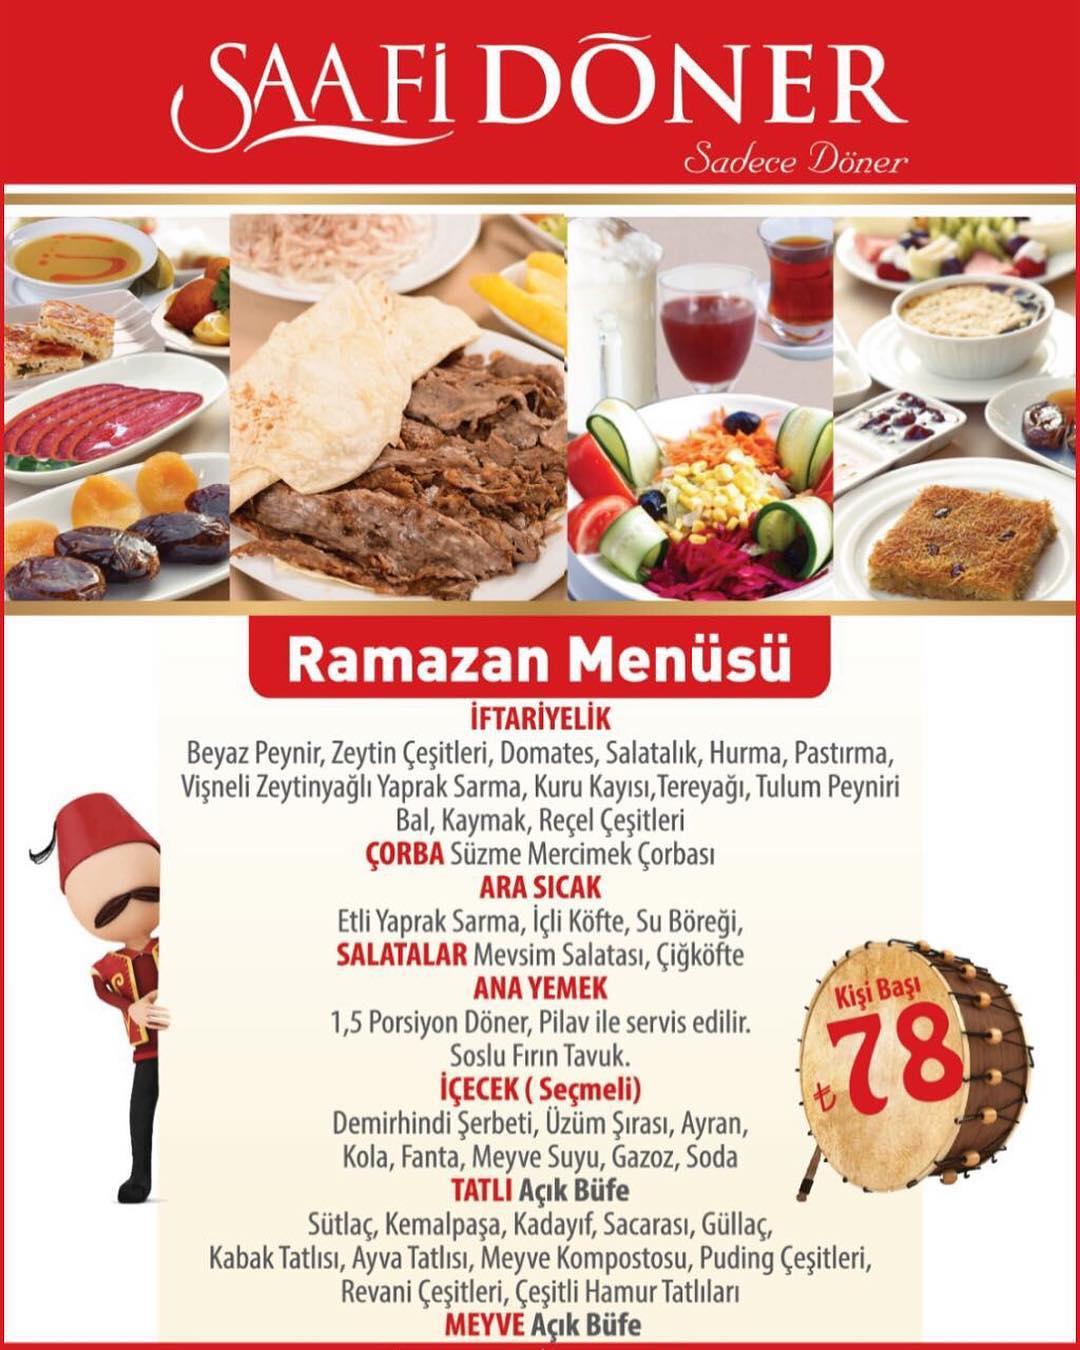 saafi döner iftar menüsü 2019 saafi döner başakşehir saafi döner şubeleri saafi döner ramazan menüsü